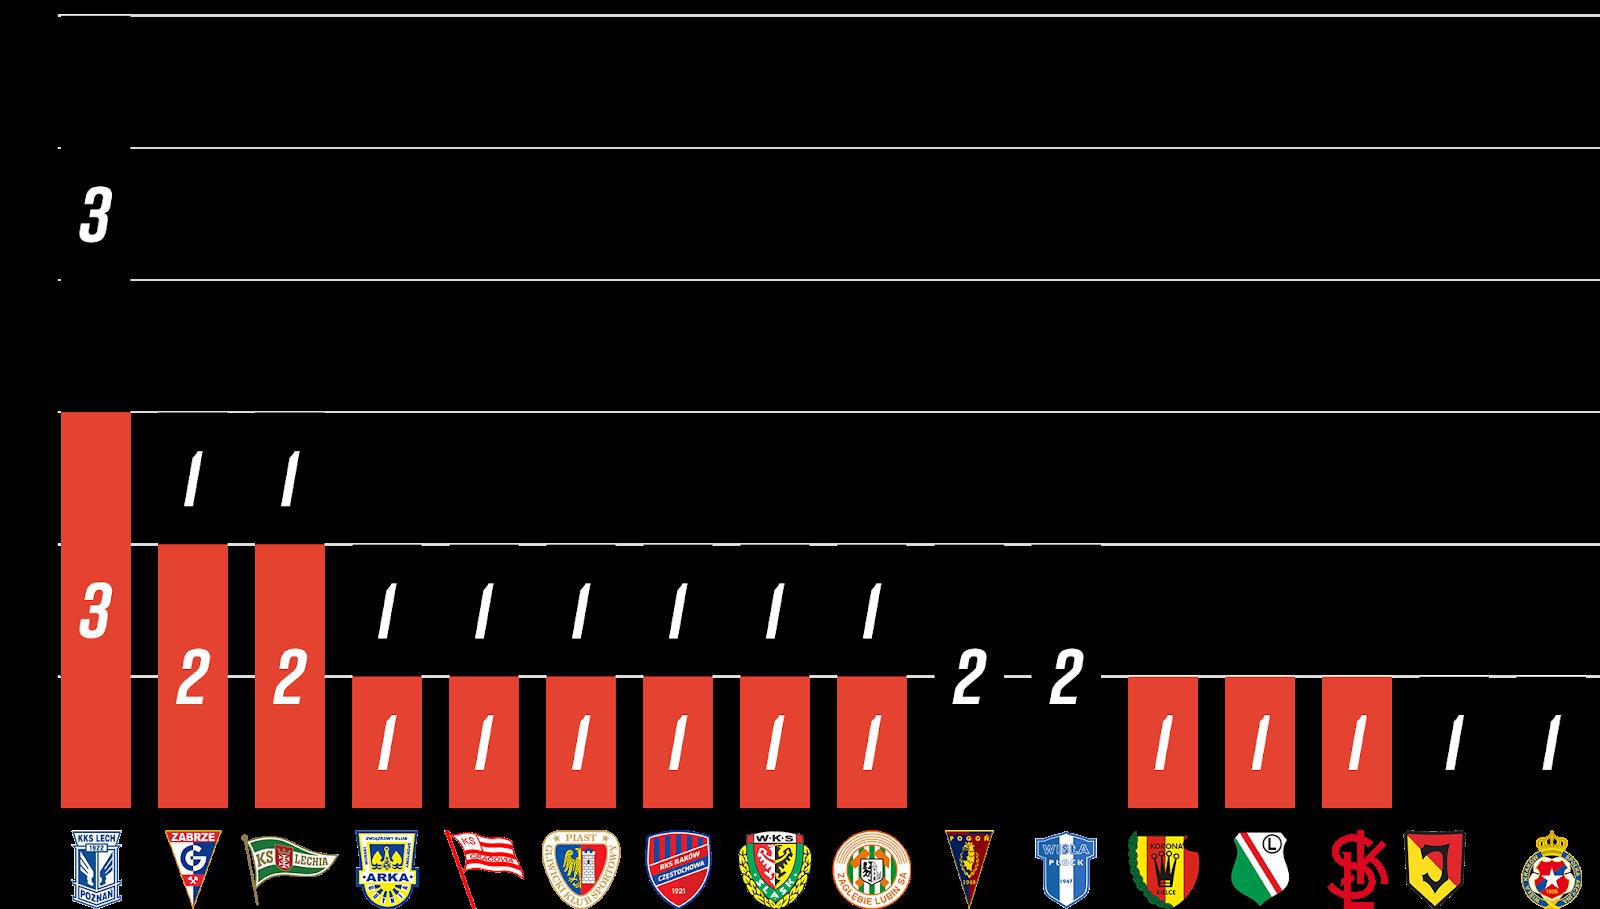 Młodzieżowcy w 3. kolejce PKO Ekstraklasy<br><br>Źródło: Opracowanie własne na podstawie 90minut.pl<br><br>graf. Bartosz Urban